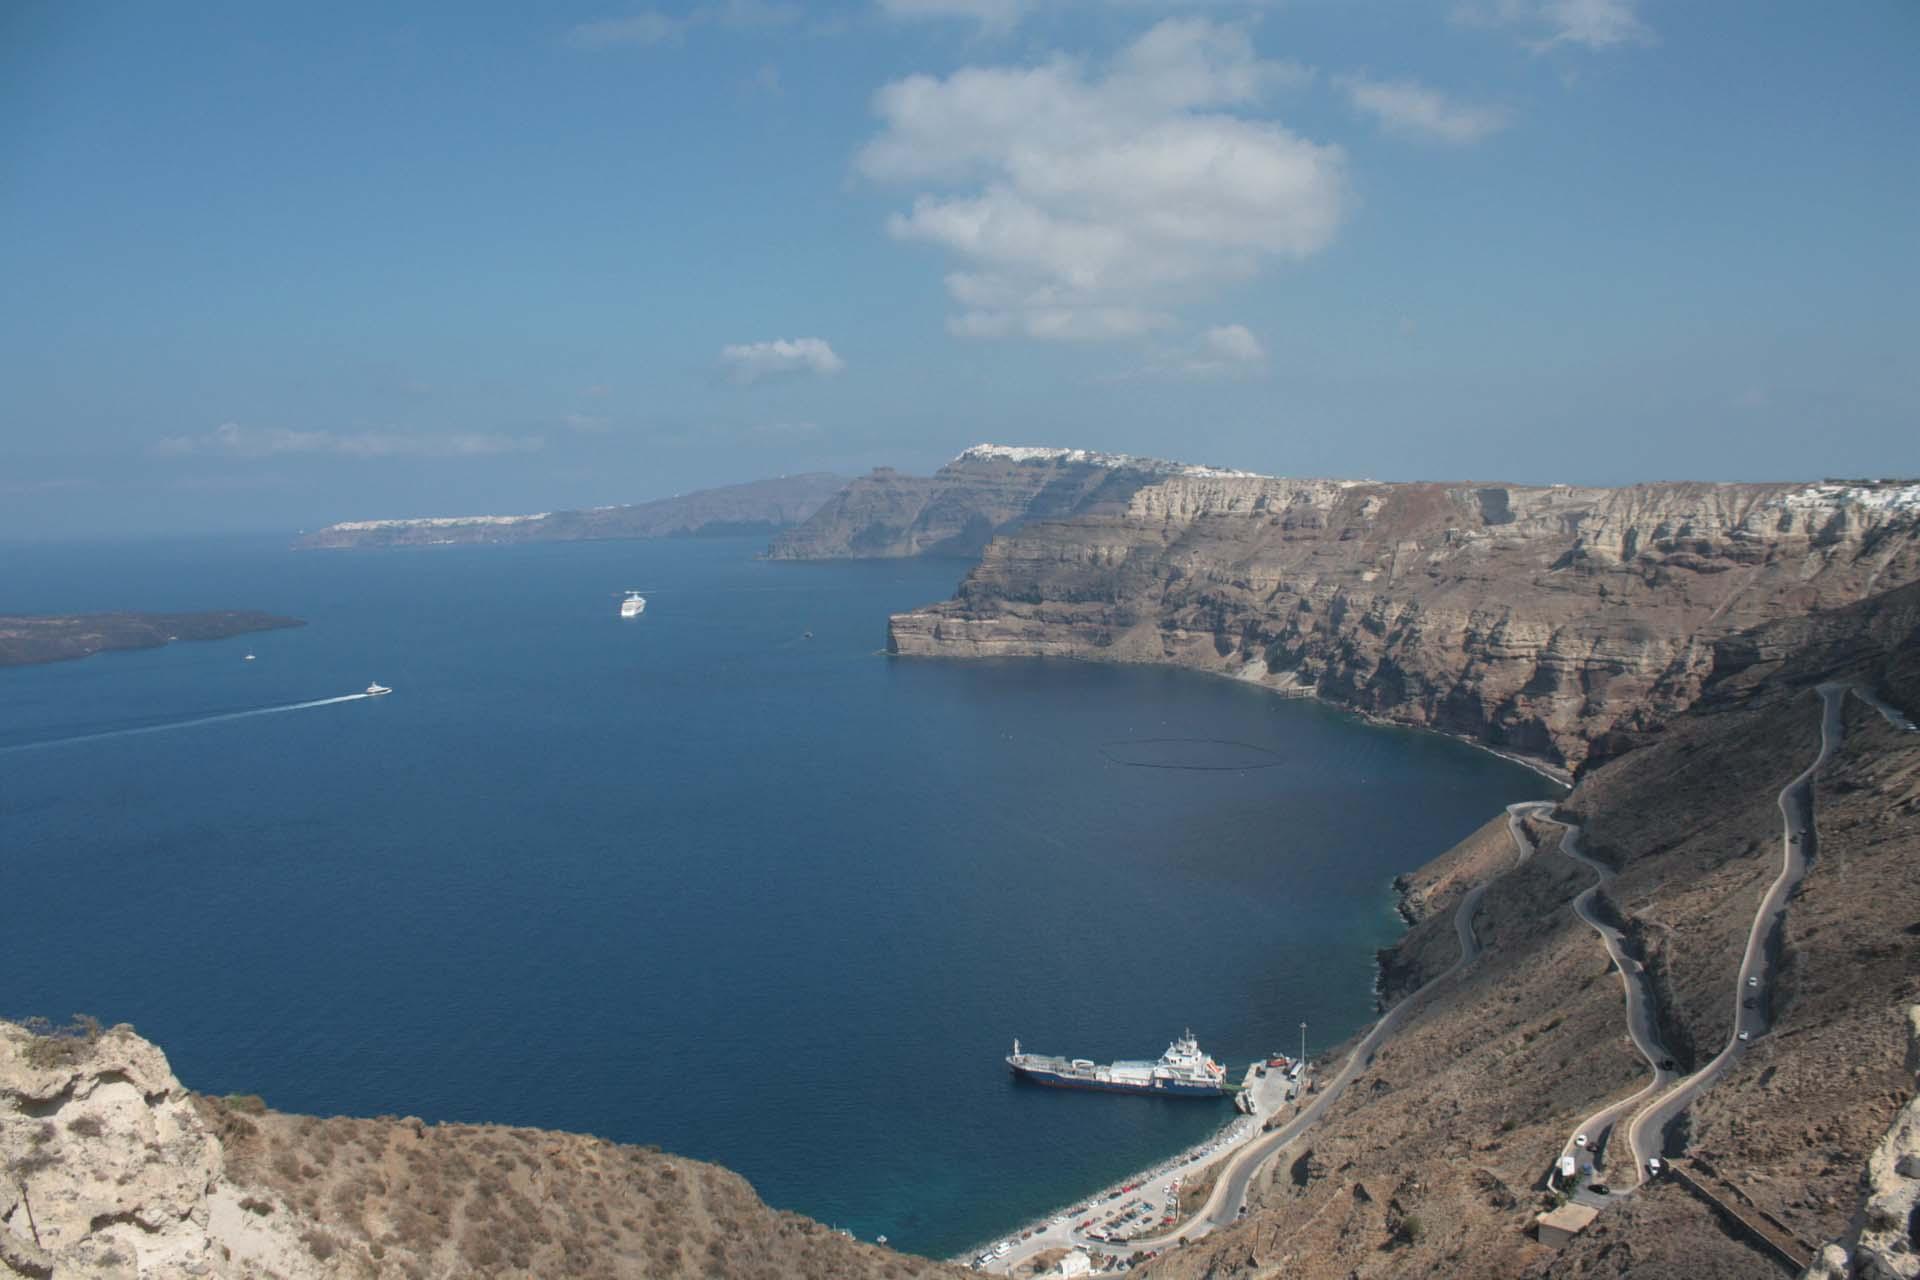 Vue sur les falaises et caldera de Santorin